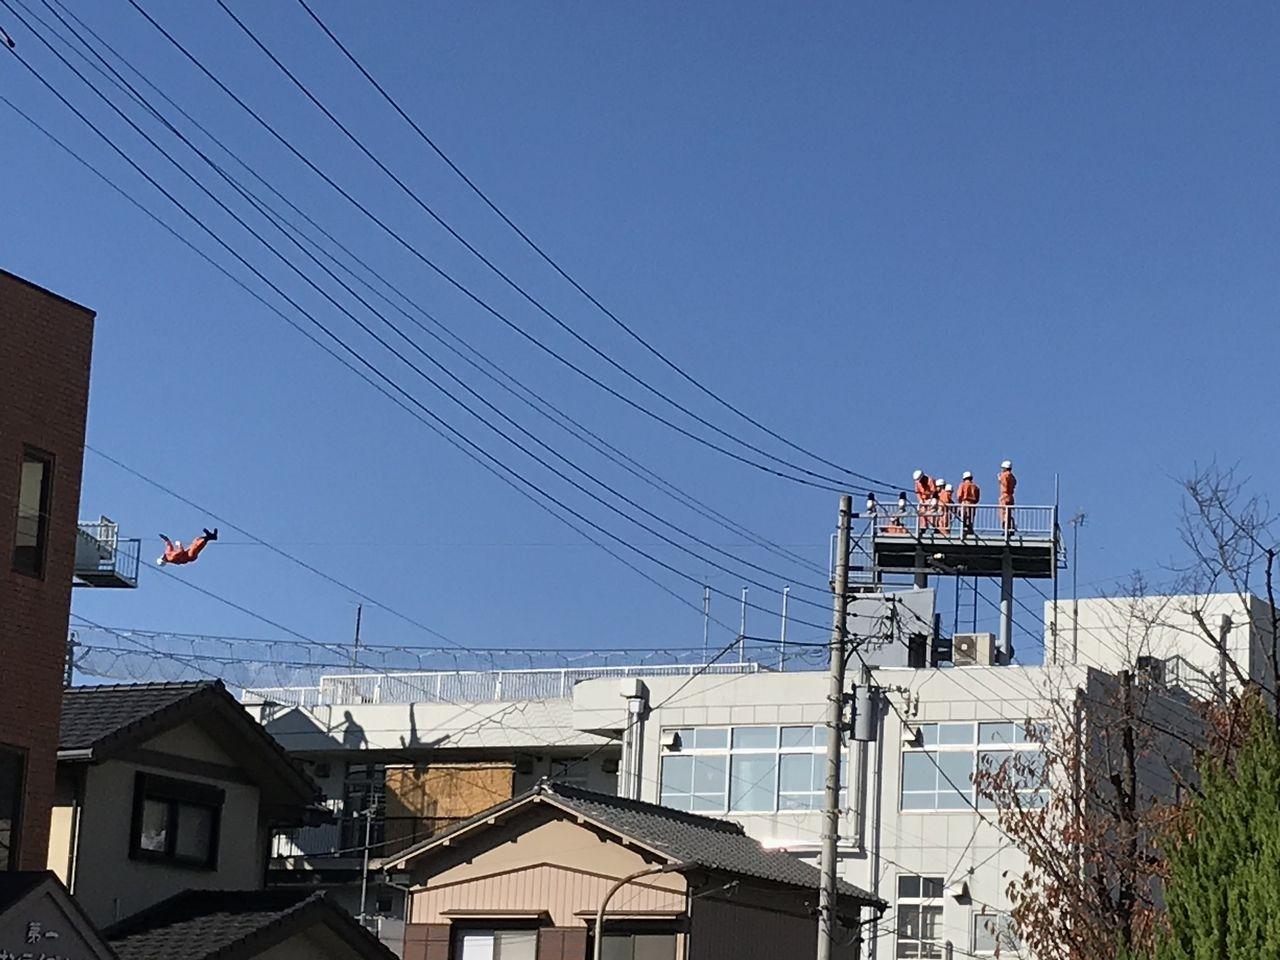 行徳の消防署の屋上で訓練する消防士3